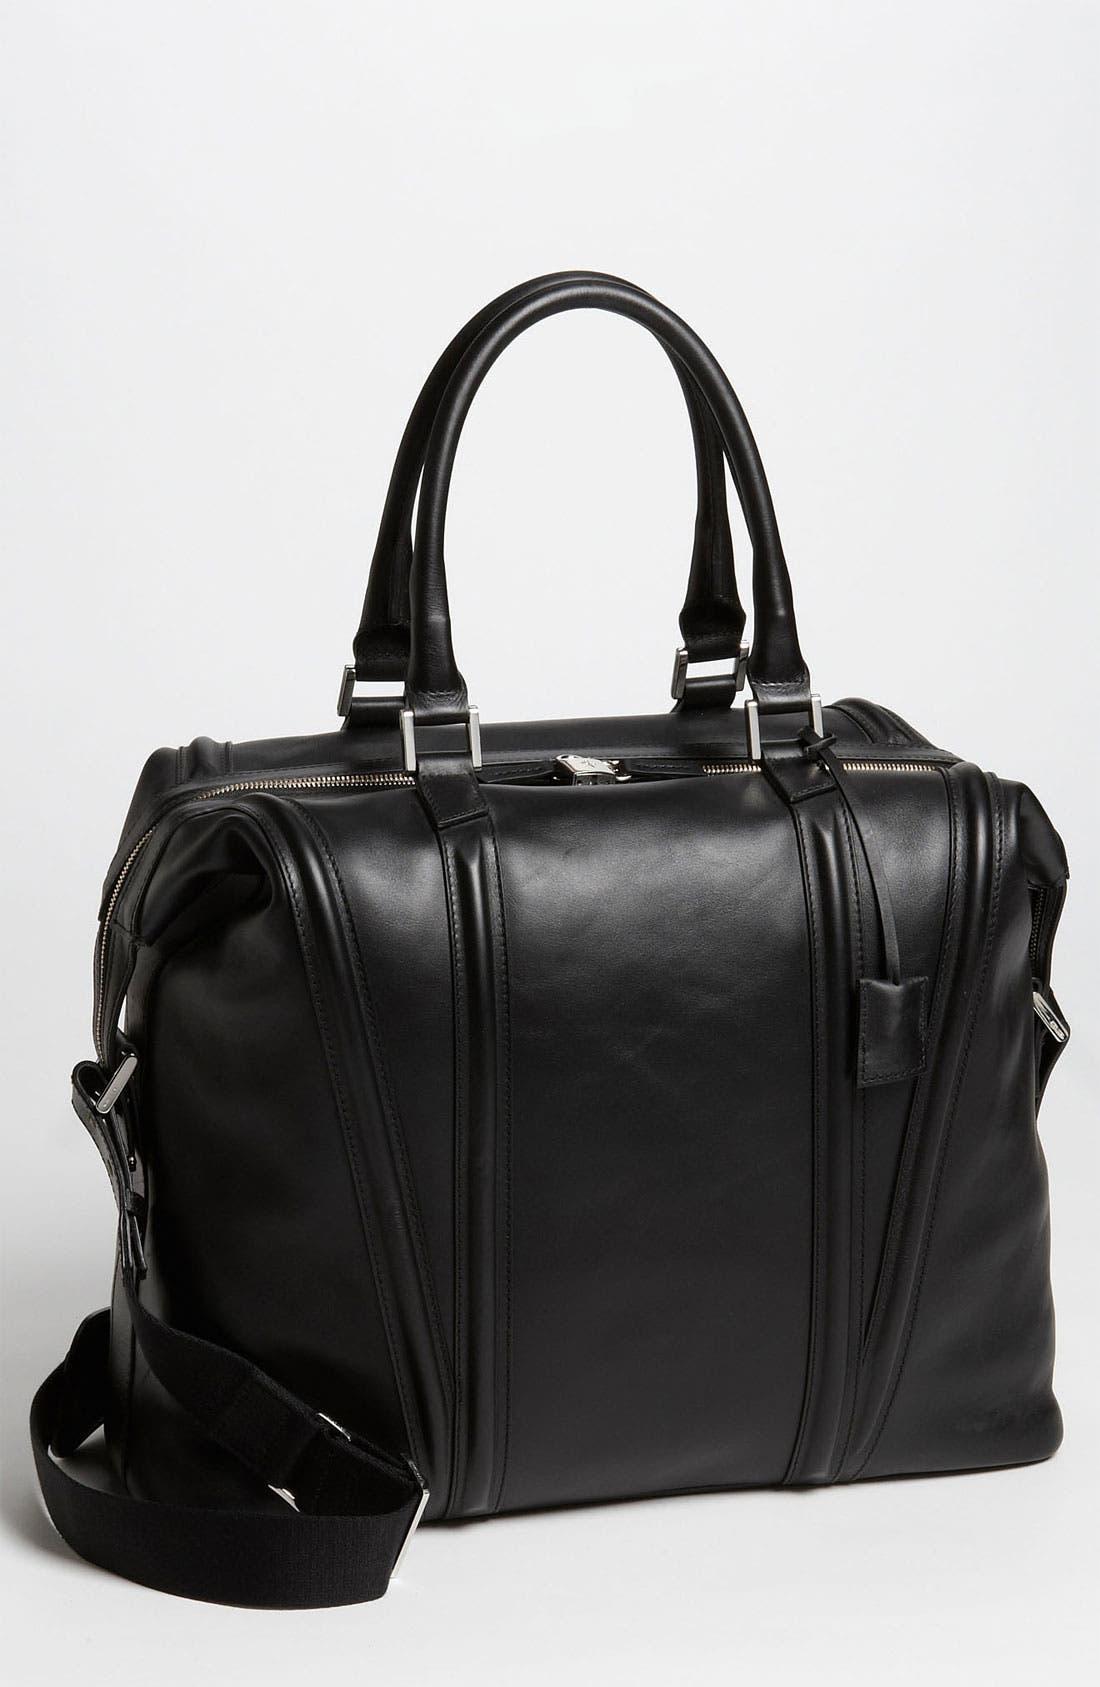 Alternate Image 1 Selected - WANT Les Essentiels de la Vie 'Charleroi' 48 Hour Travel Bag